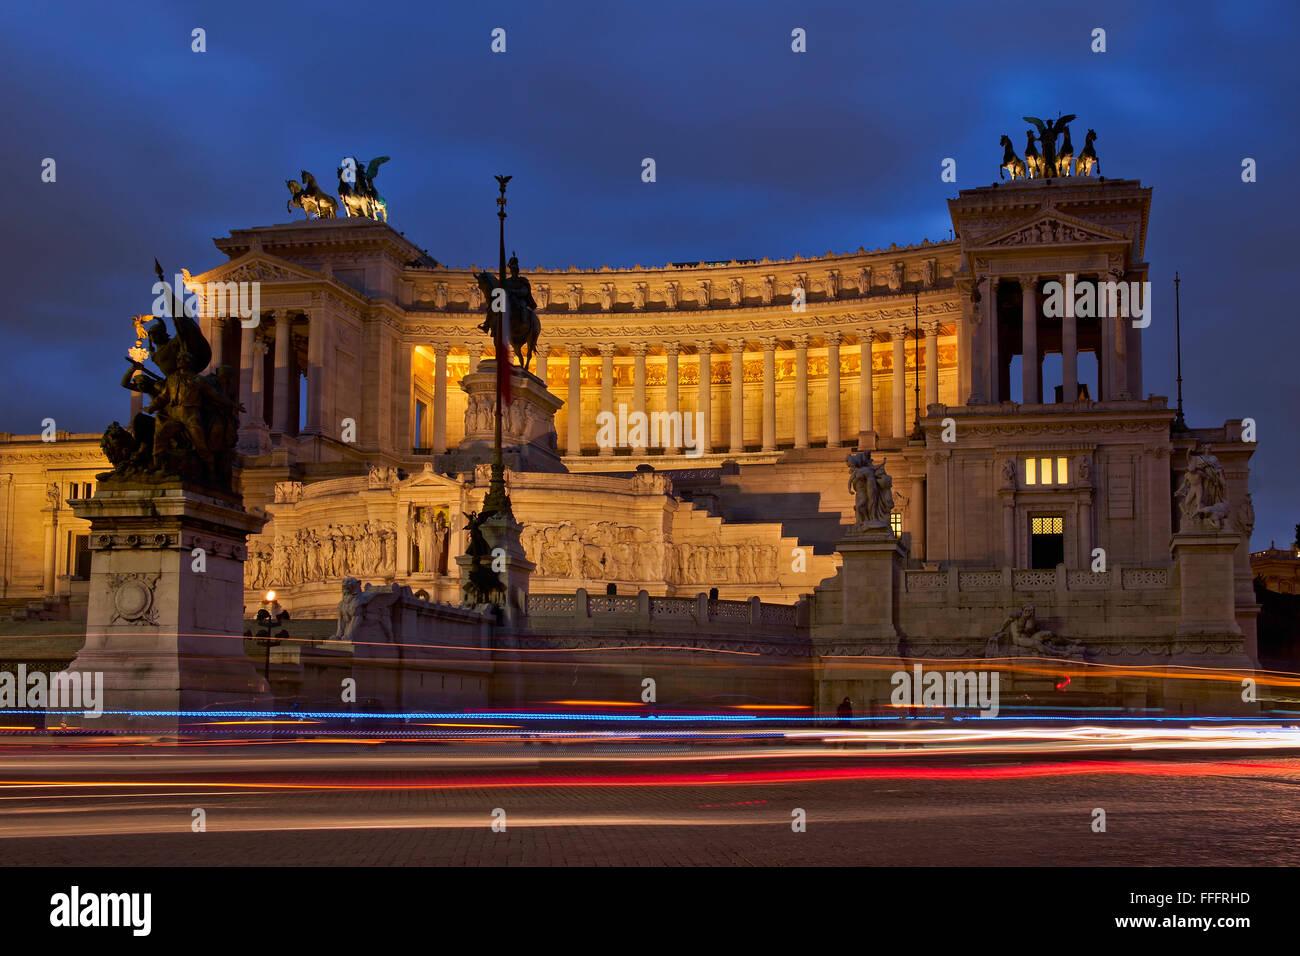 L'Italie, Lazio, Rome, Place Venezia, vue sur le Vittoriano building au crépuscule Photo Stock